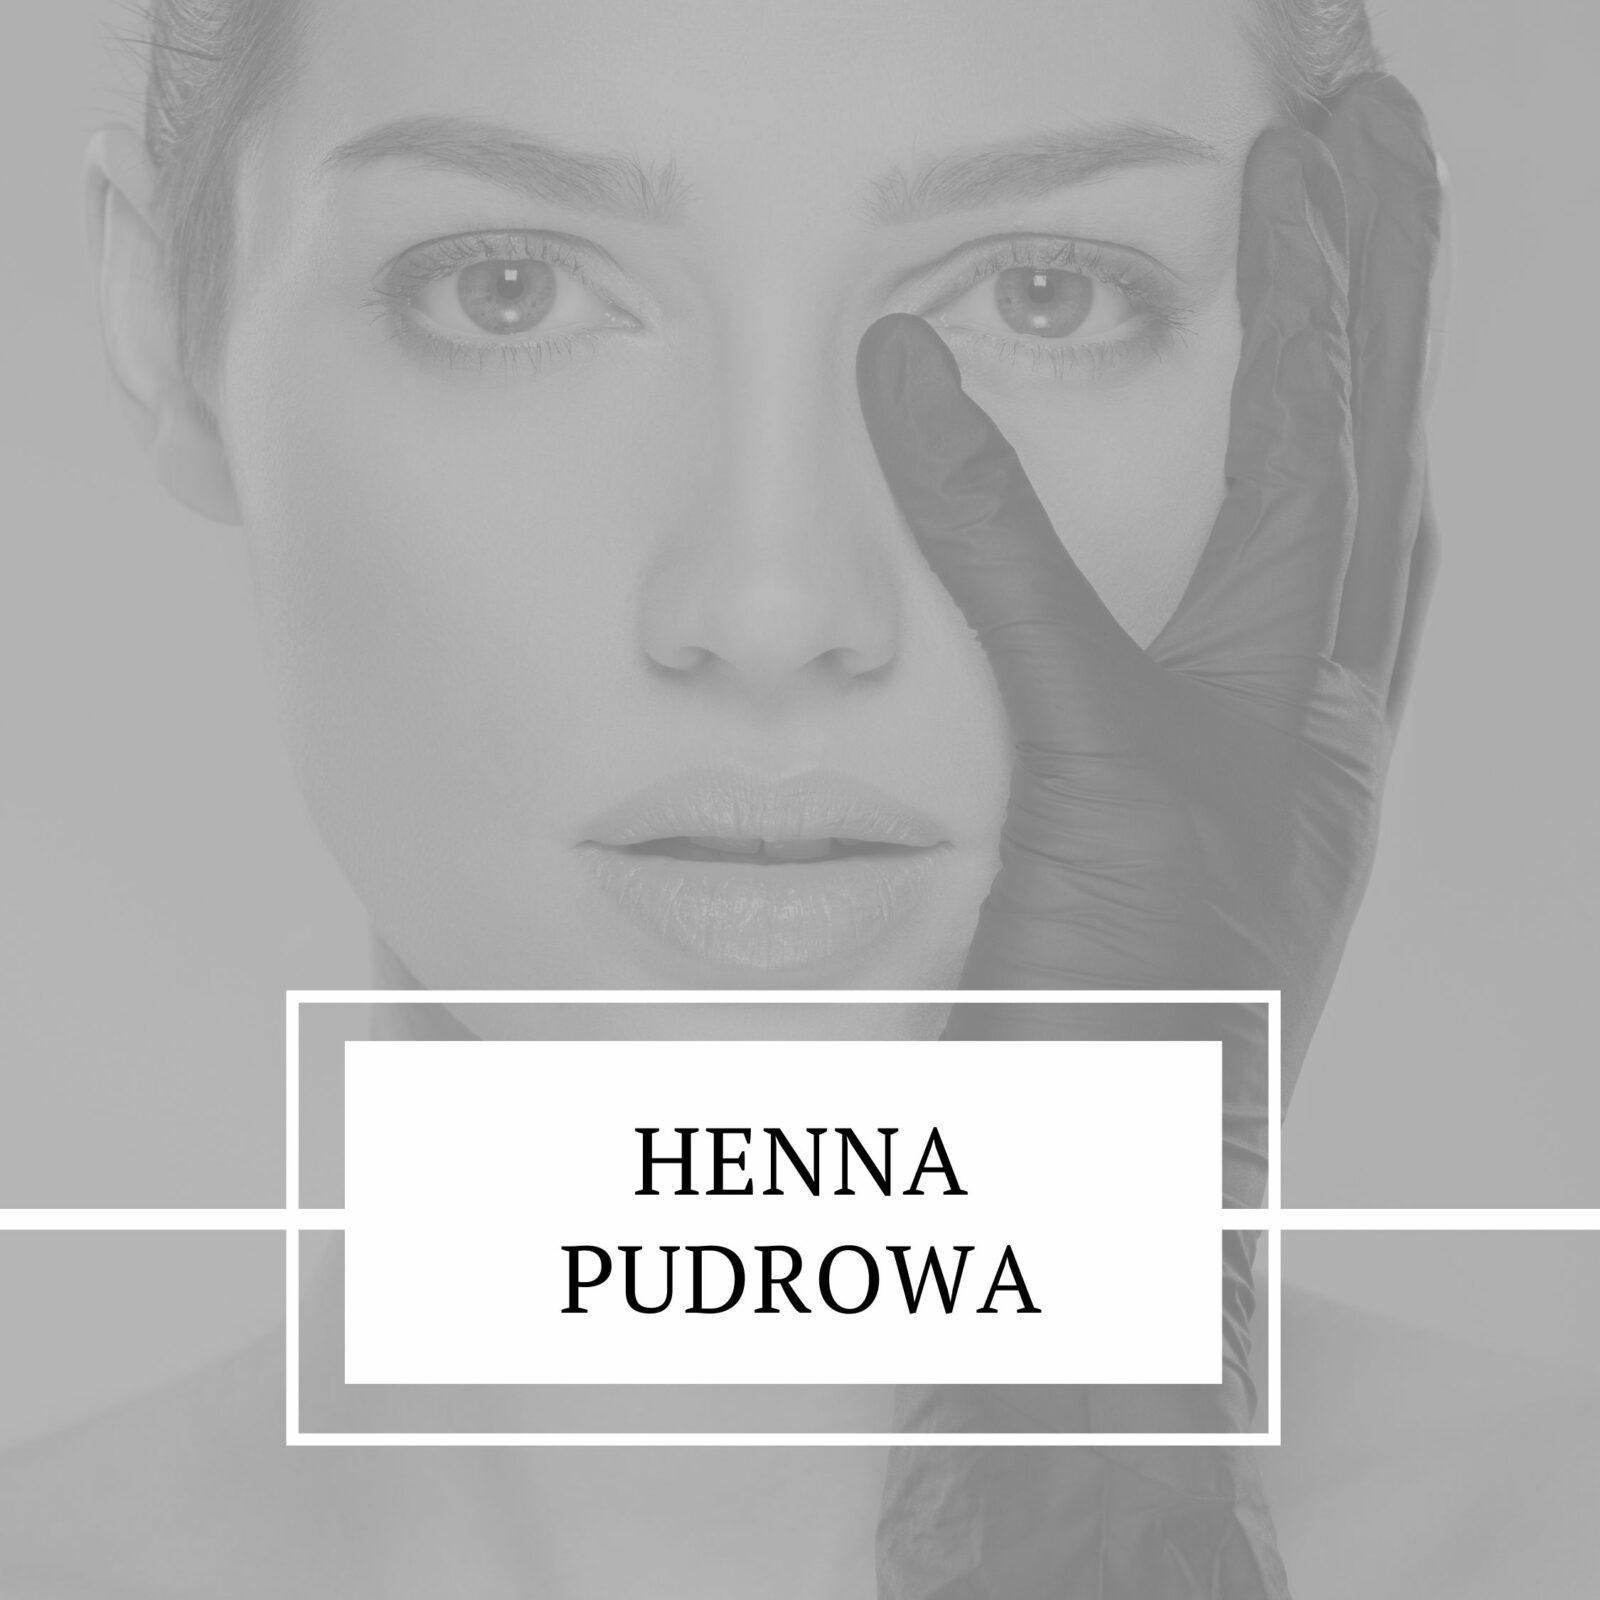 henna pudrowa poznań